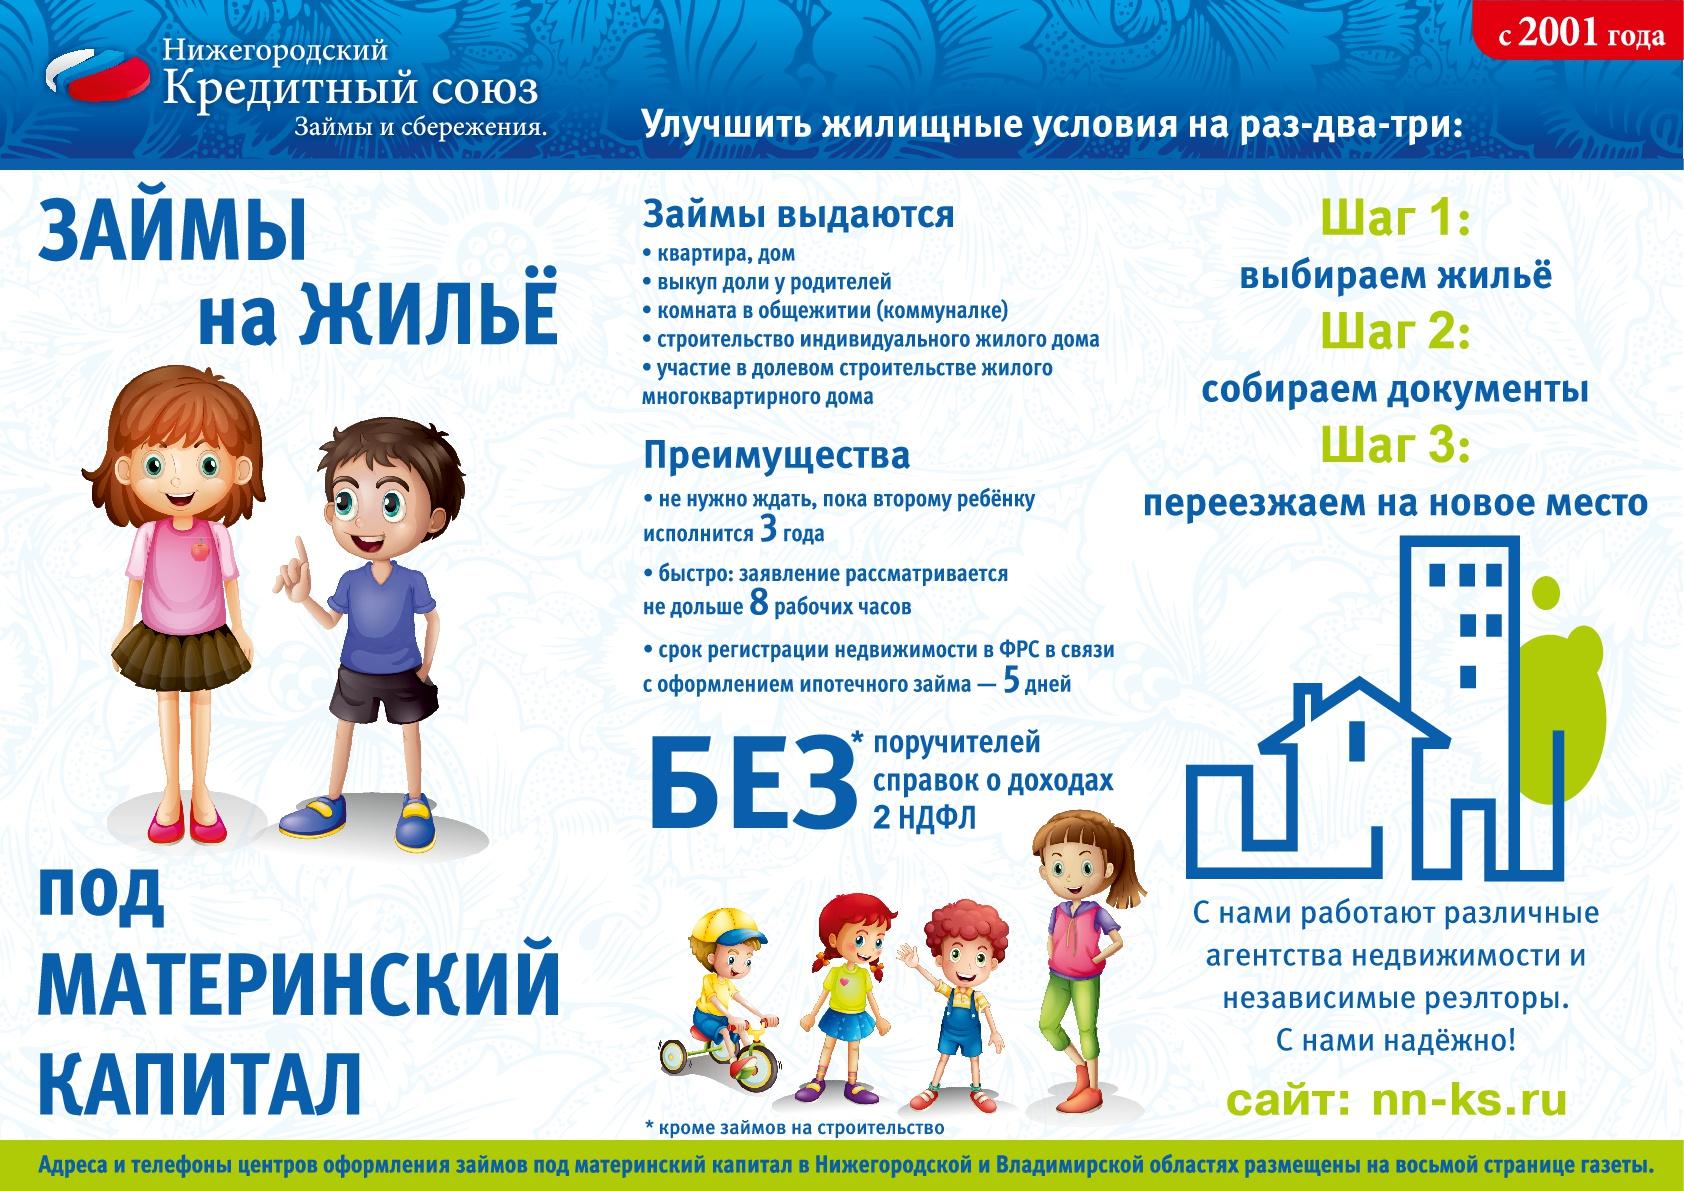 Займы под материнский капитал строительство займ на киви до 500 рублей без процентов